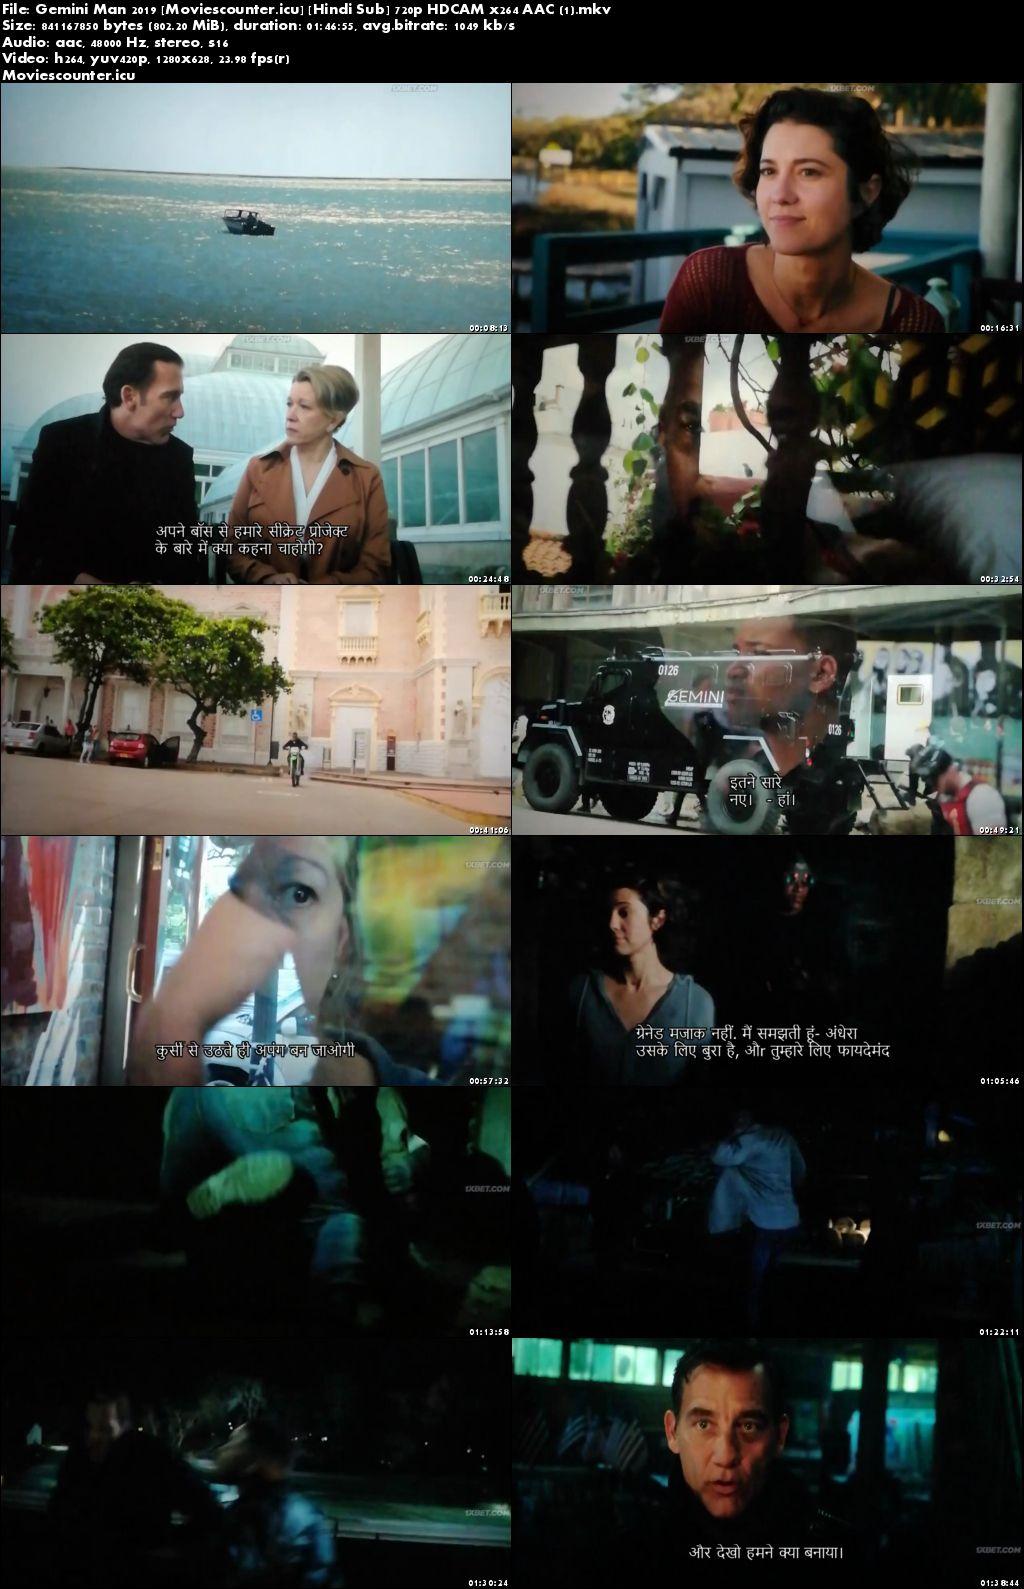 Screen Shots Gemini Man 2019 English HD 720p